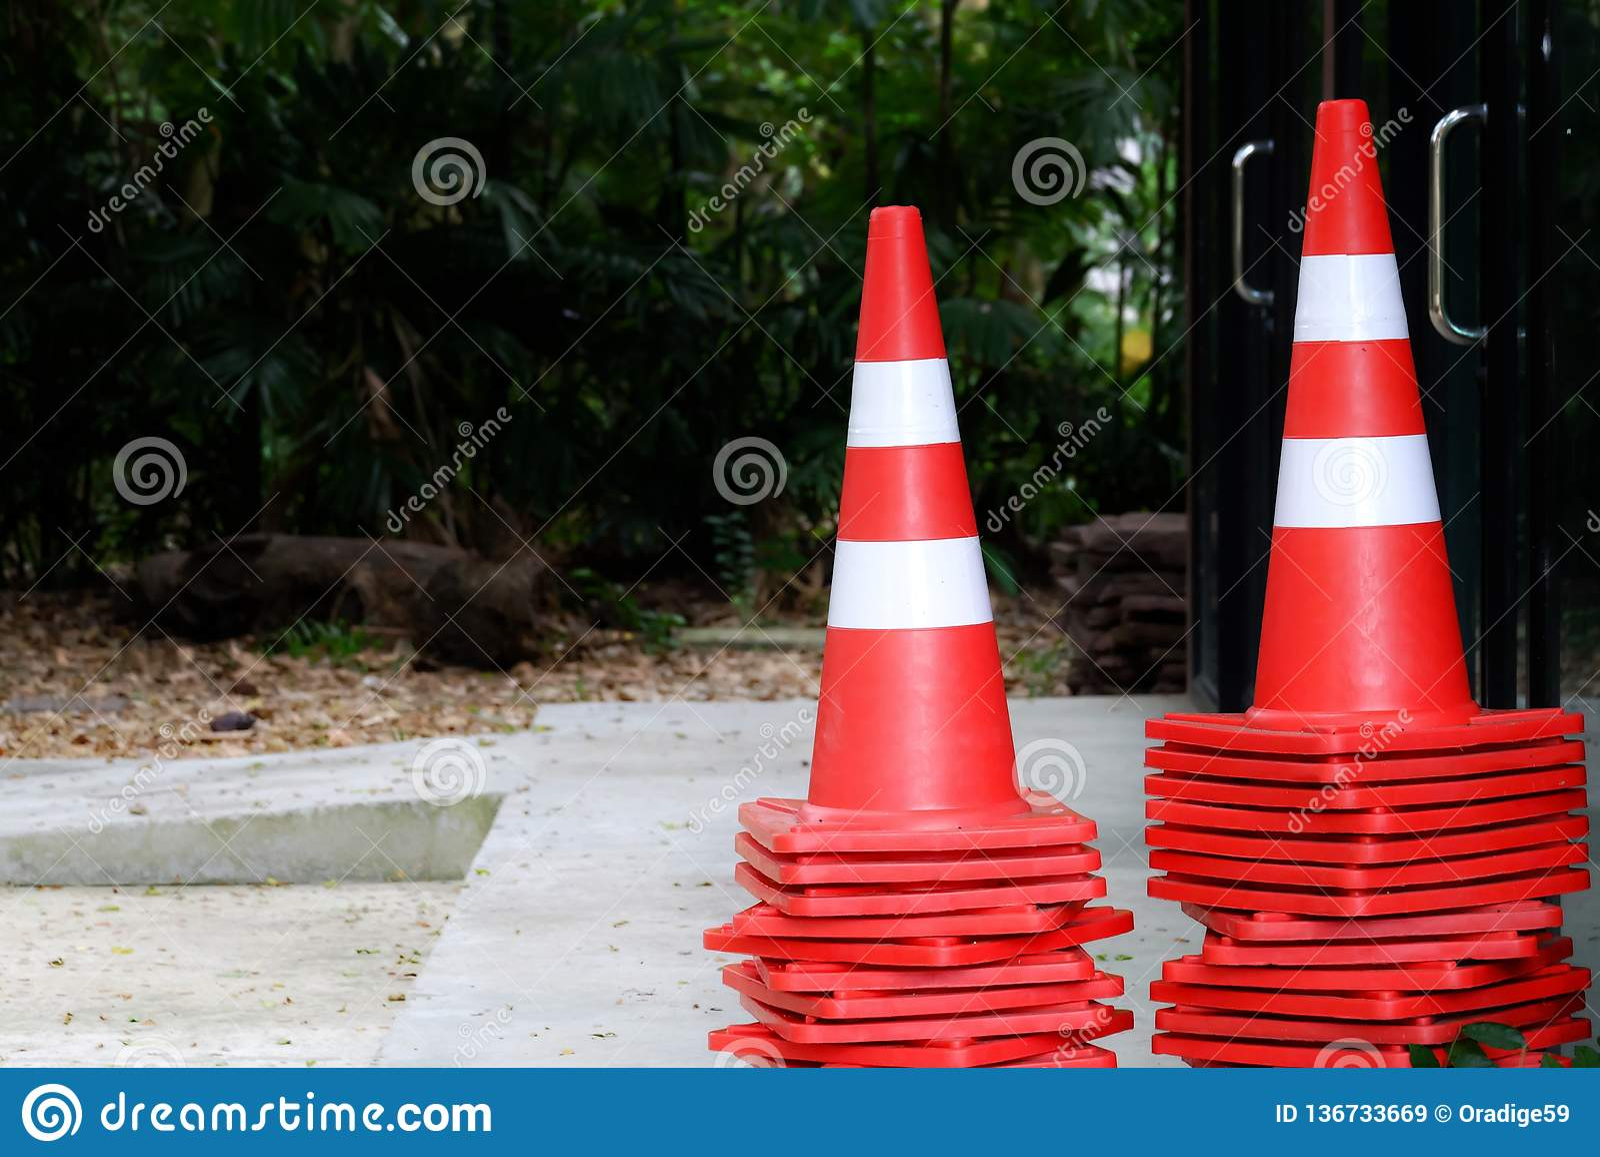 Vele verkeerskegels op cementvloer voor het gebouw